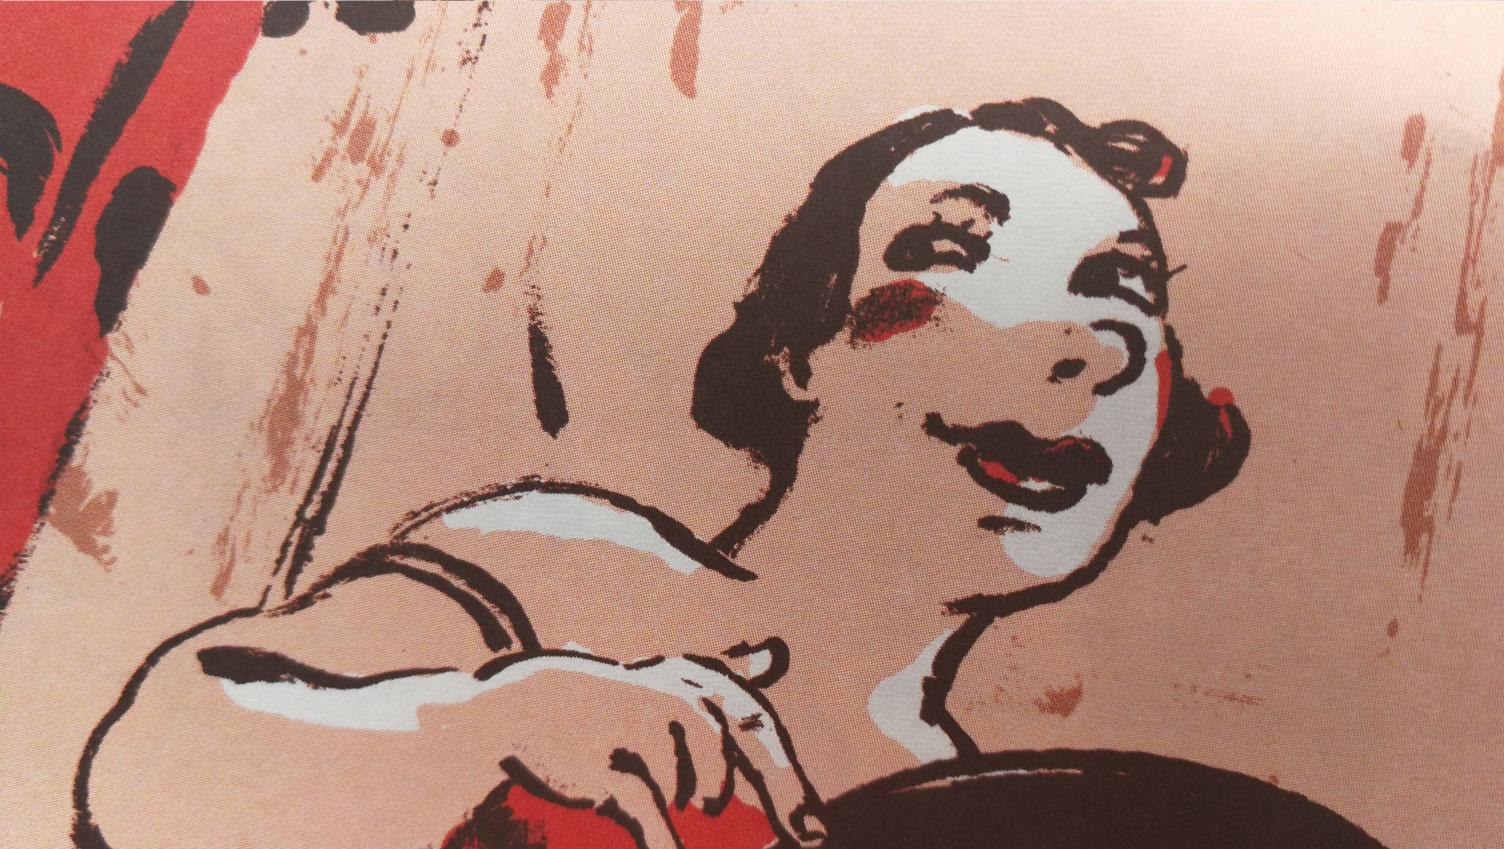 Imagen galeria secuela de una larguisima galeria 2